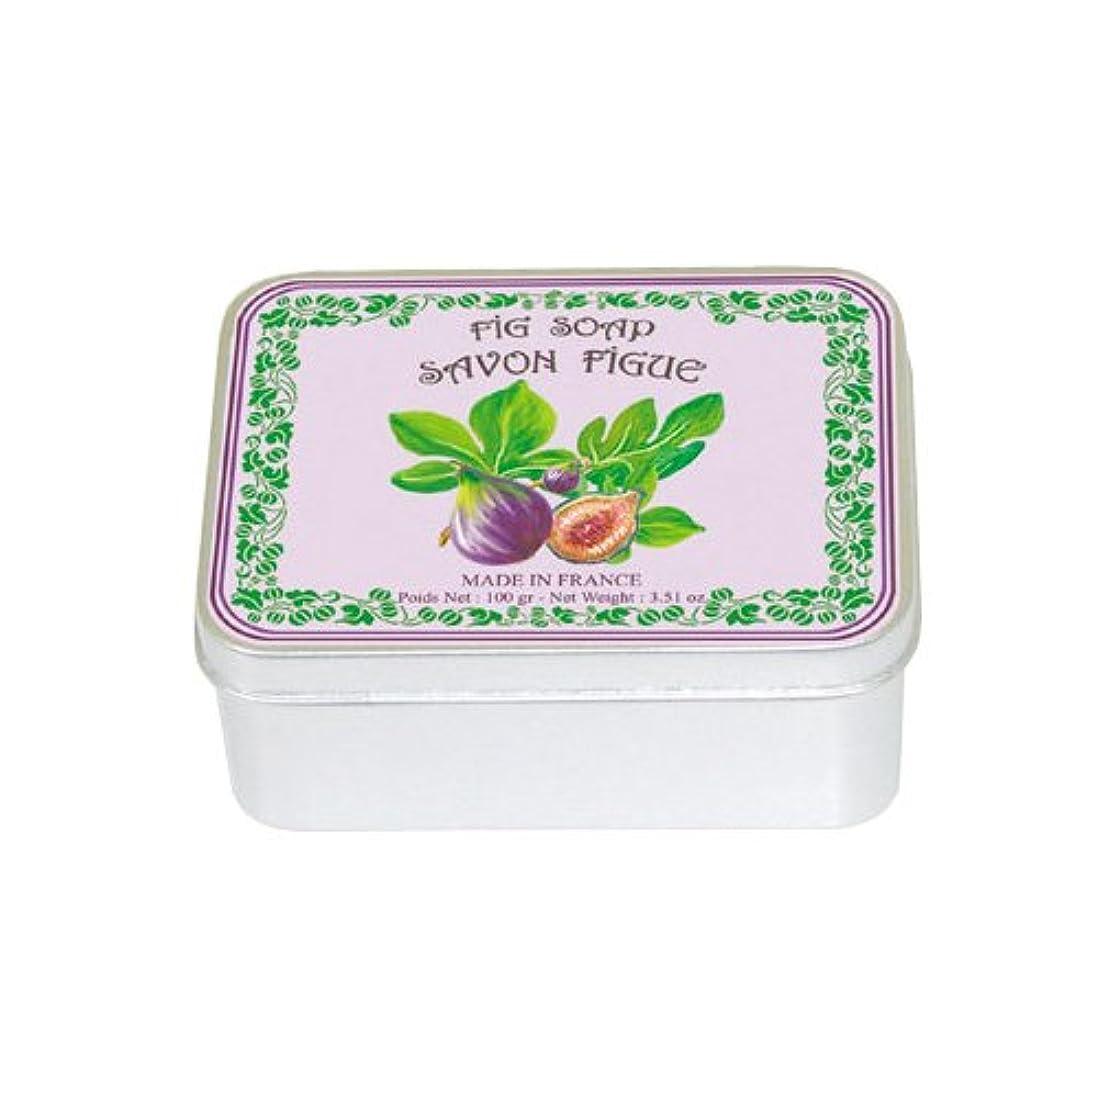 泥棒不忠予定ルブランソープ メタルボックス(イチジクの香り)石鹸